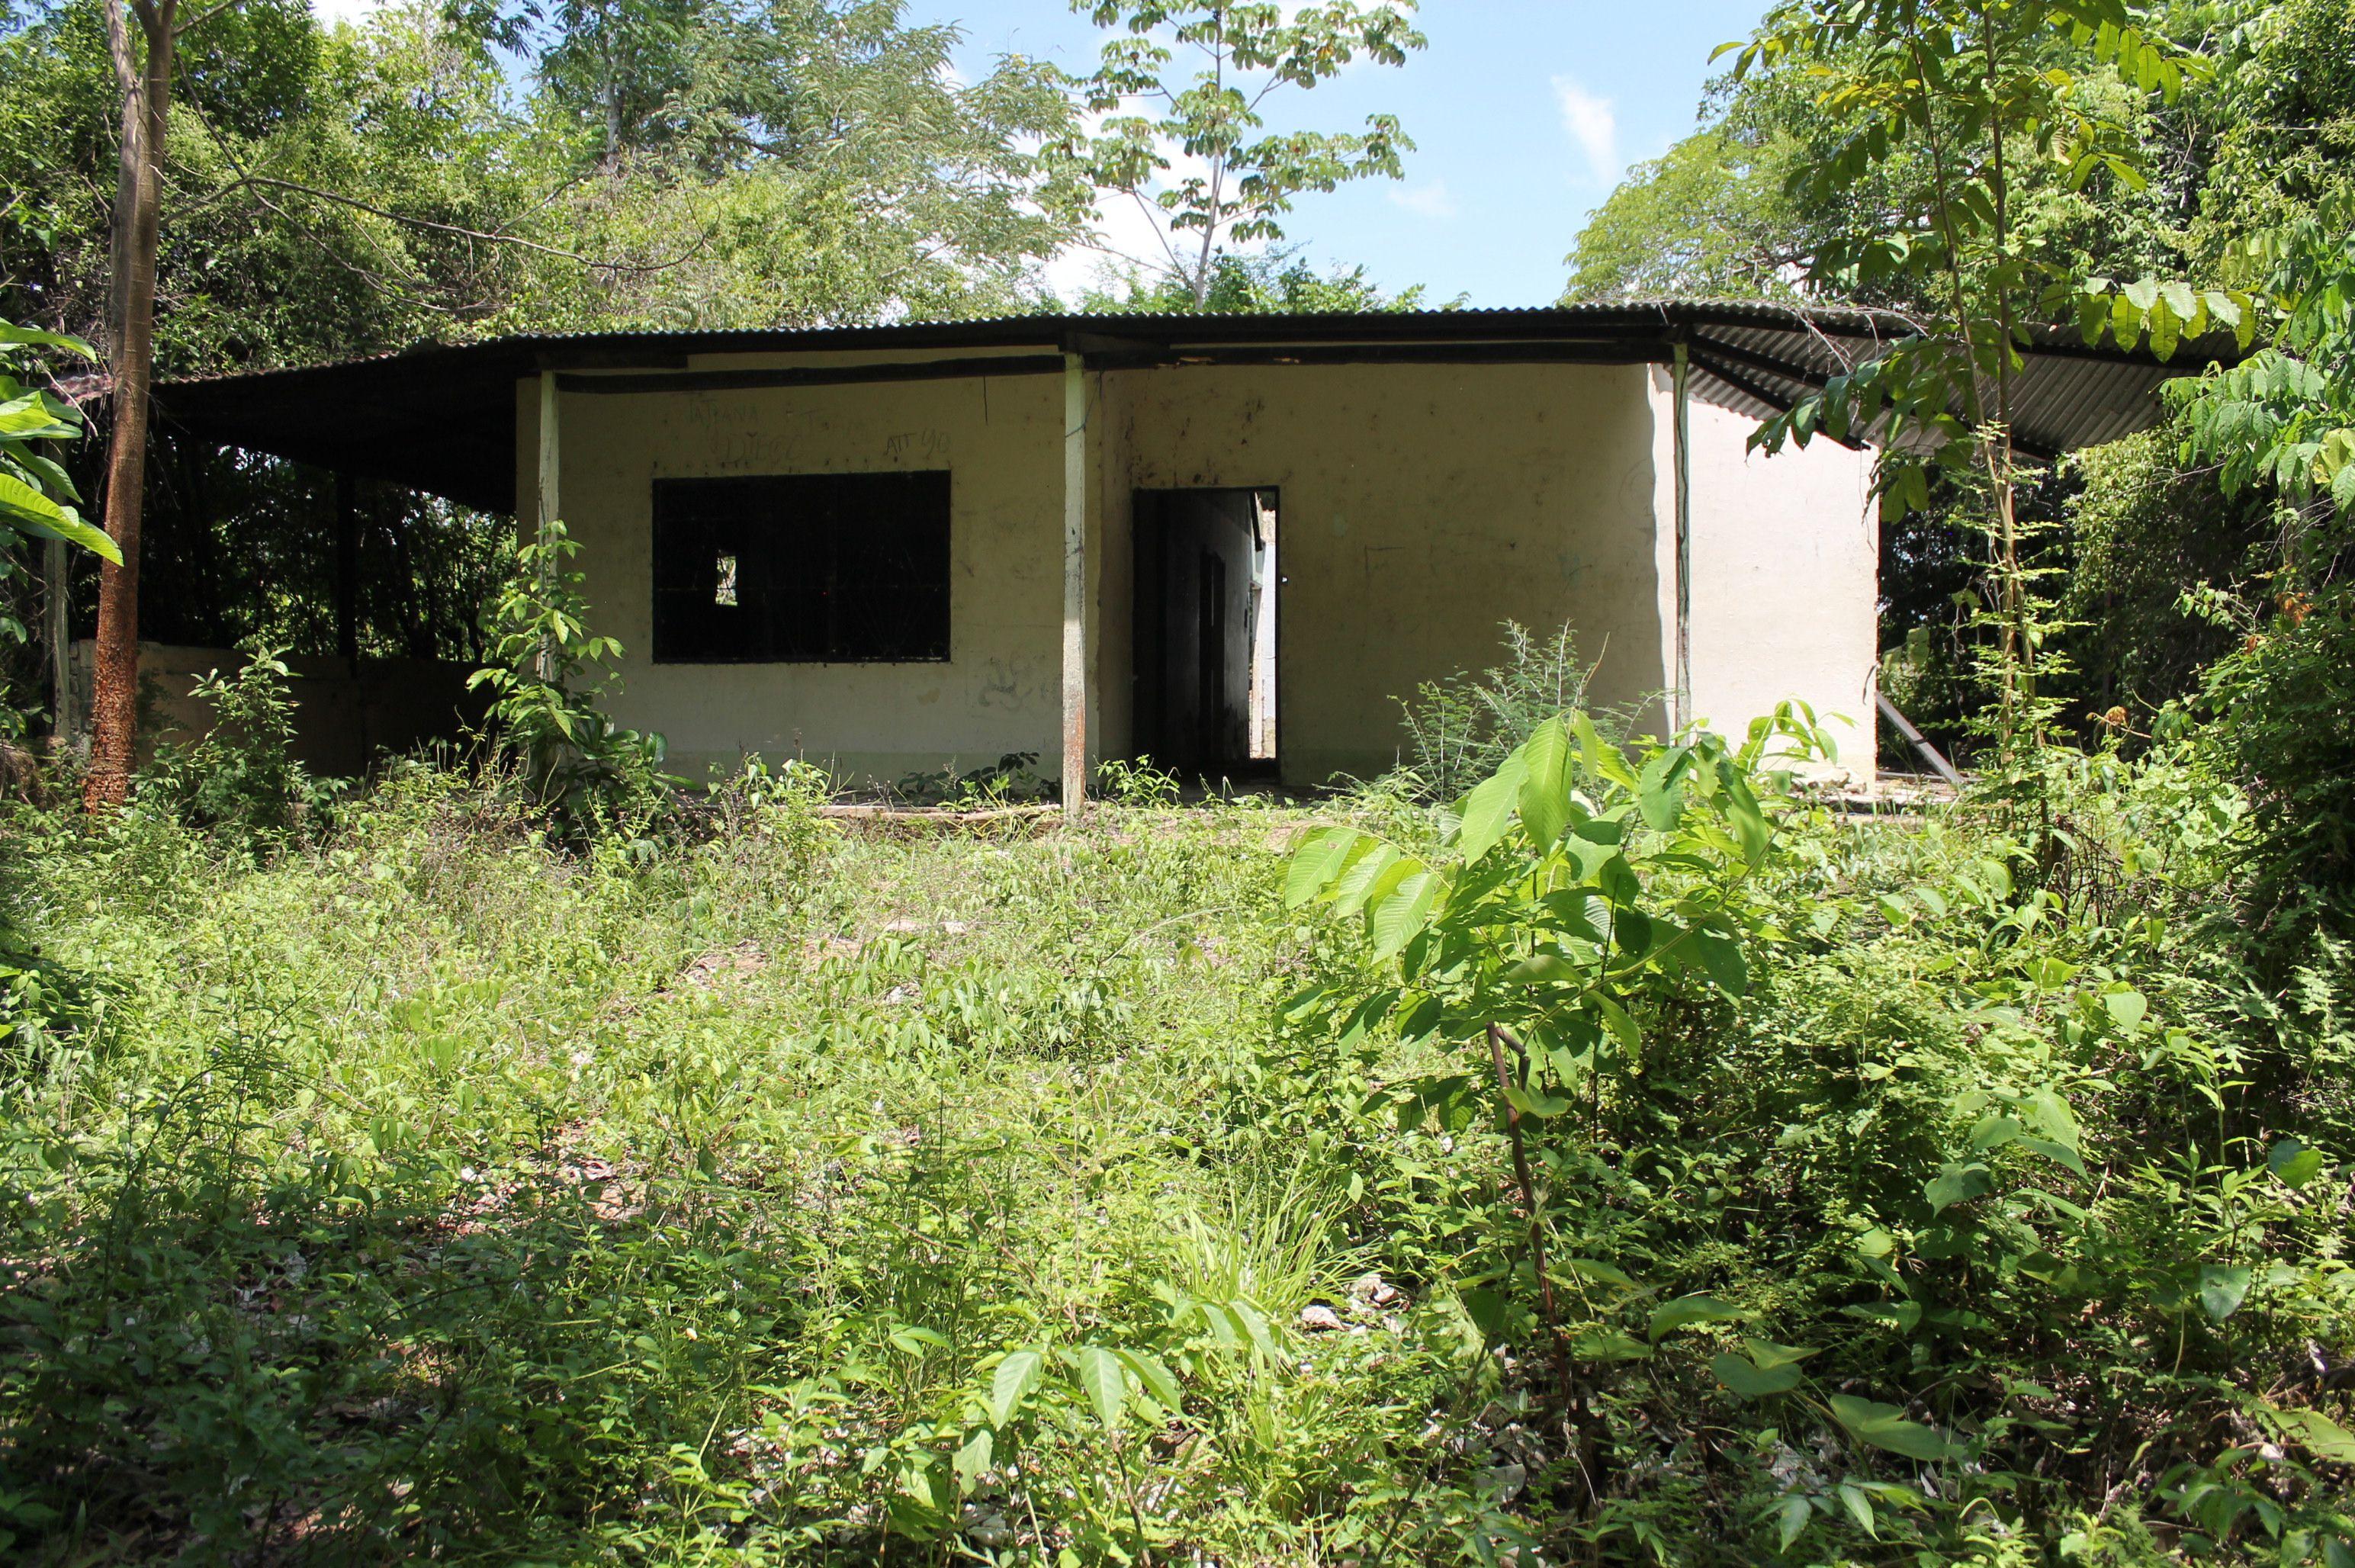 Casa Verde, en San Blas, departamento de Bolívar, operaba el comando de base del Bloque Central Bolívar, comandado por el desmovilizado, Julián Bolívar.